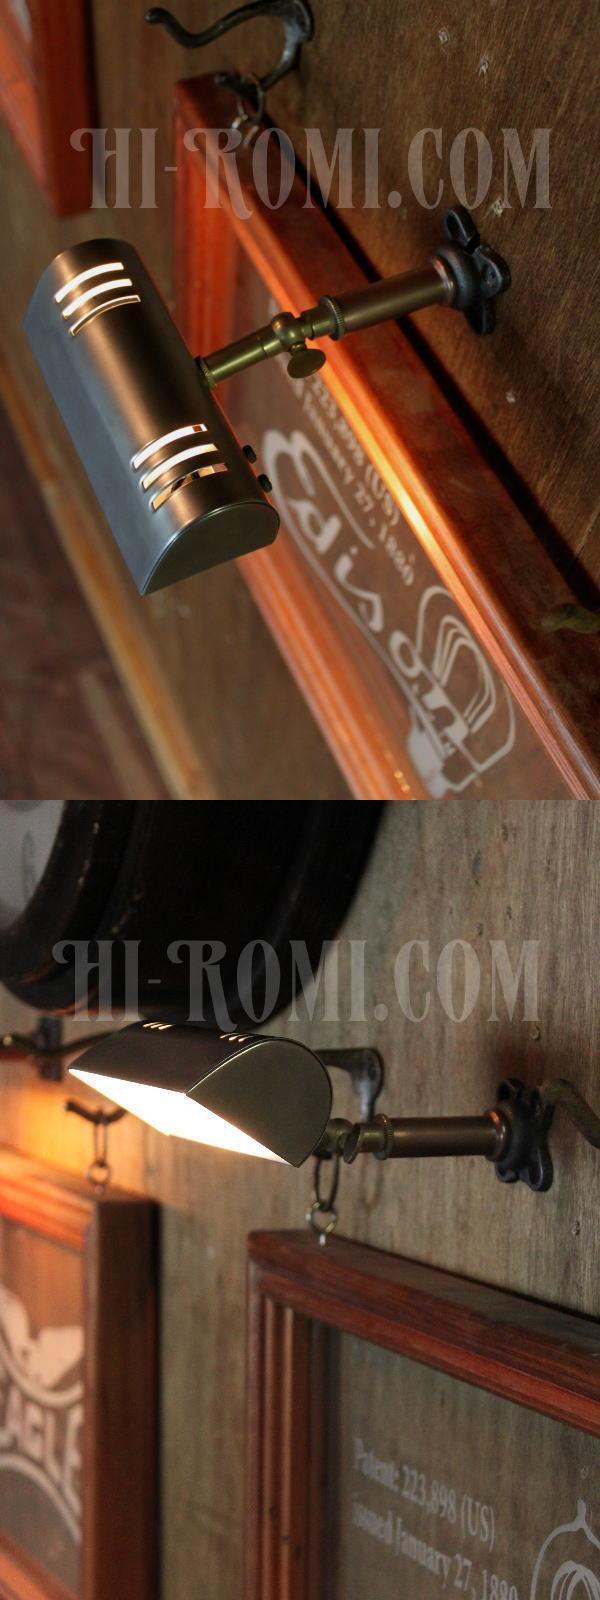 ヴィンテージ角度調整付ミニウォールブラケット・壁掛ピクチャーライト/アンティーク工業系照明